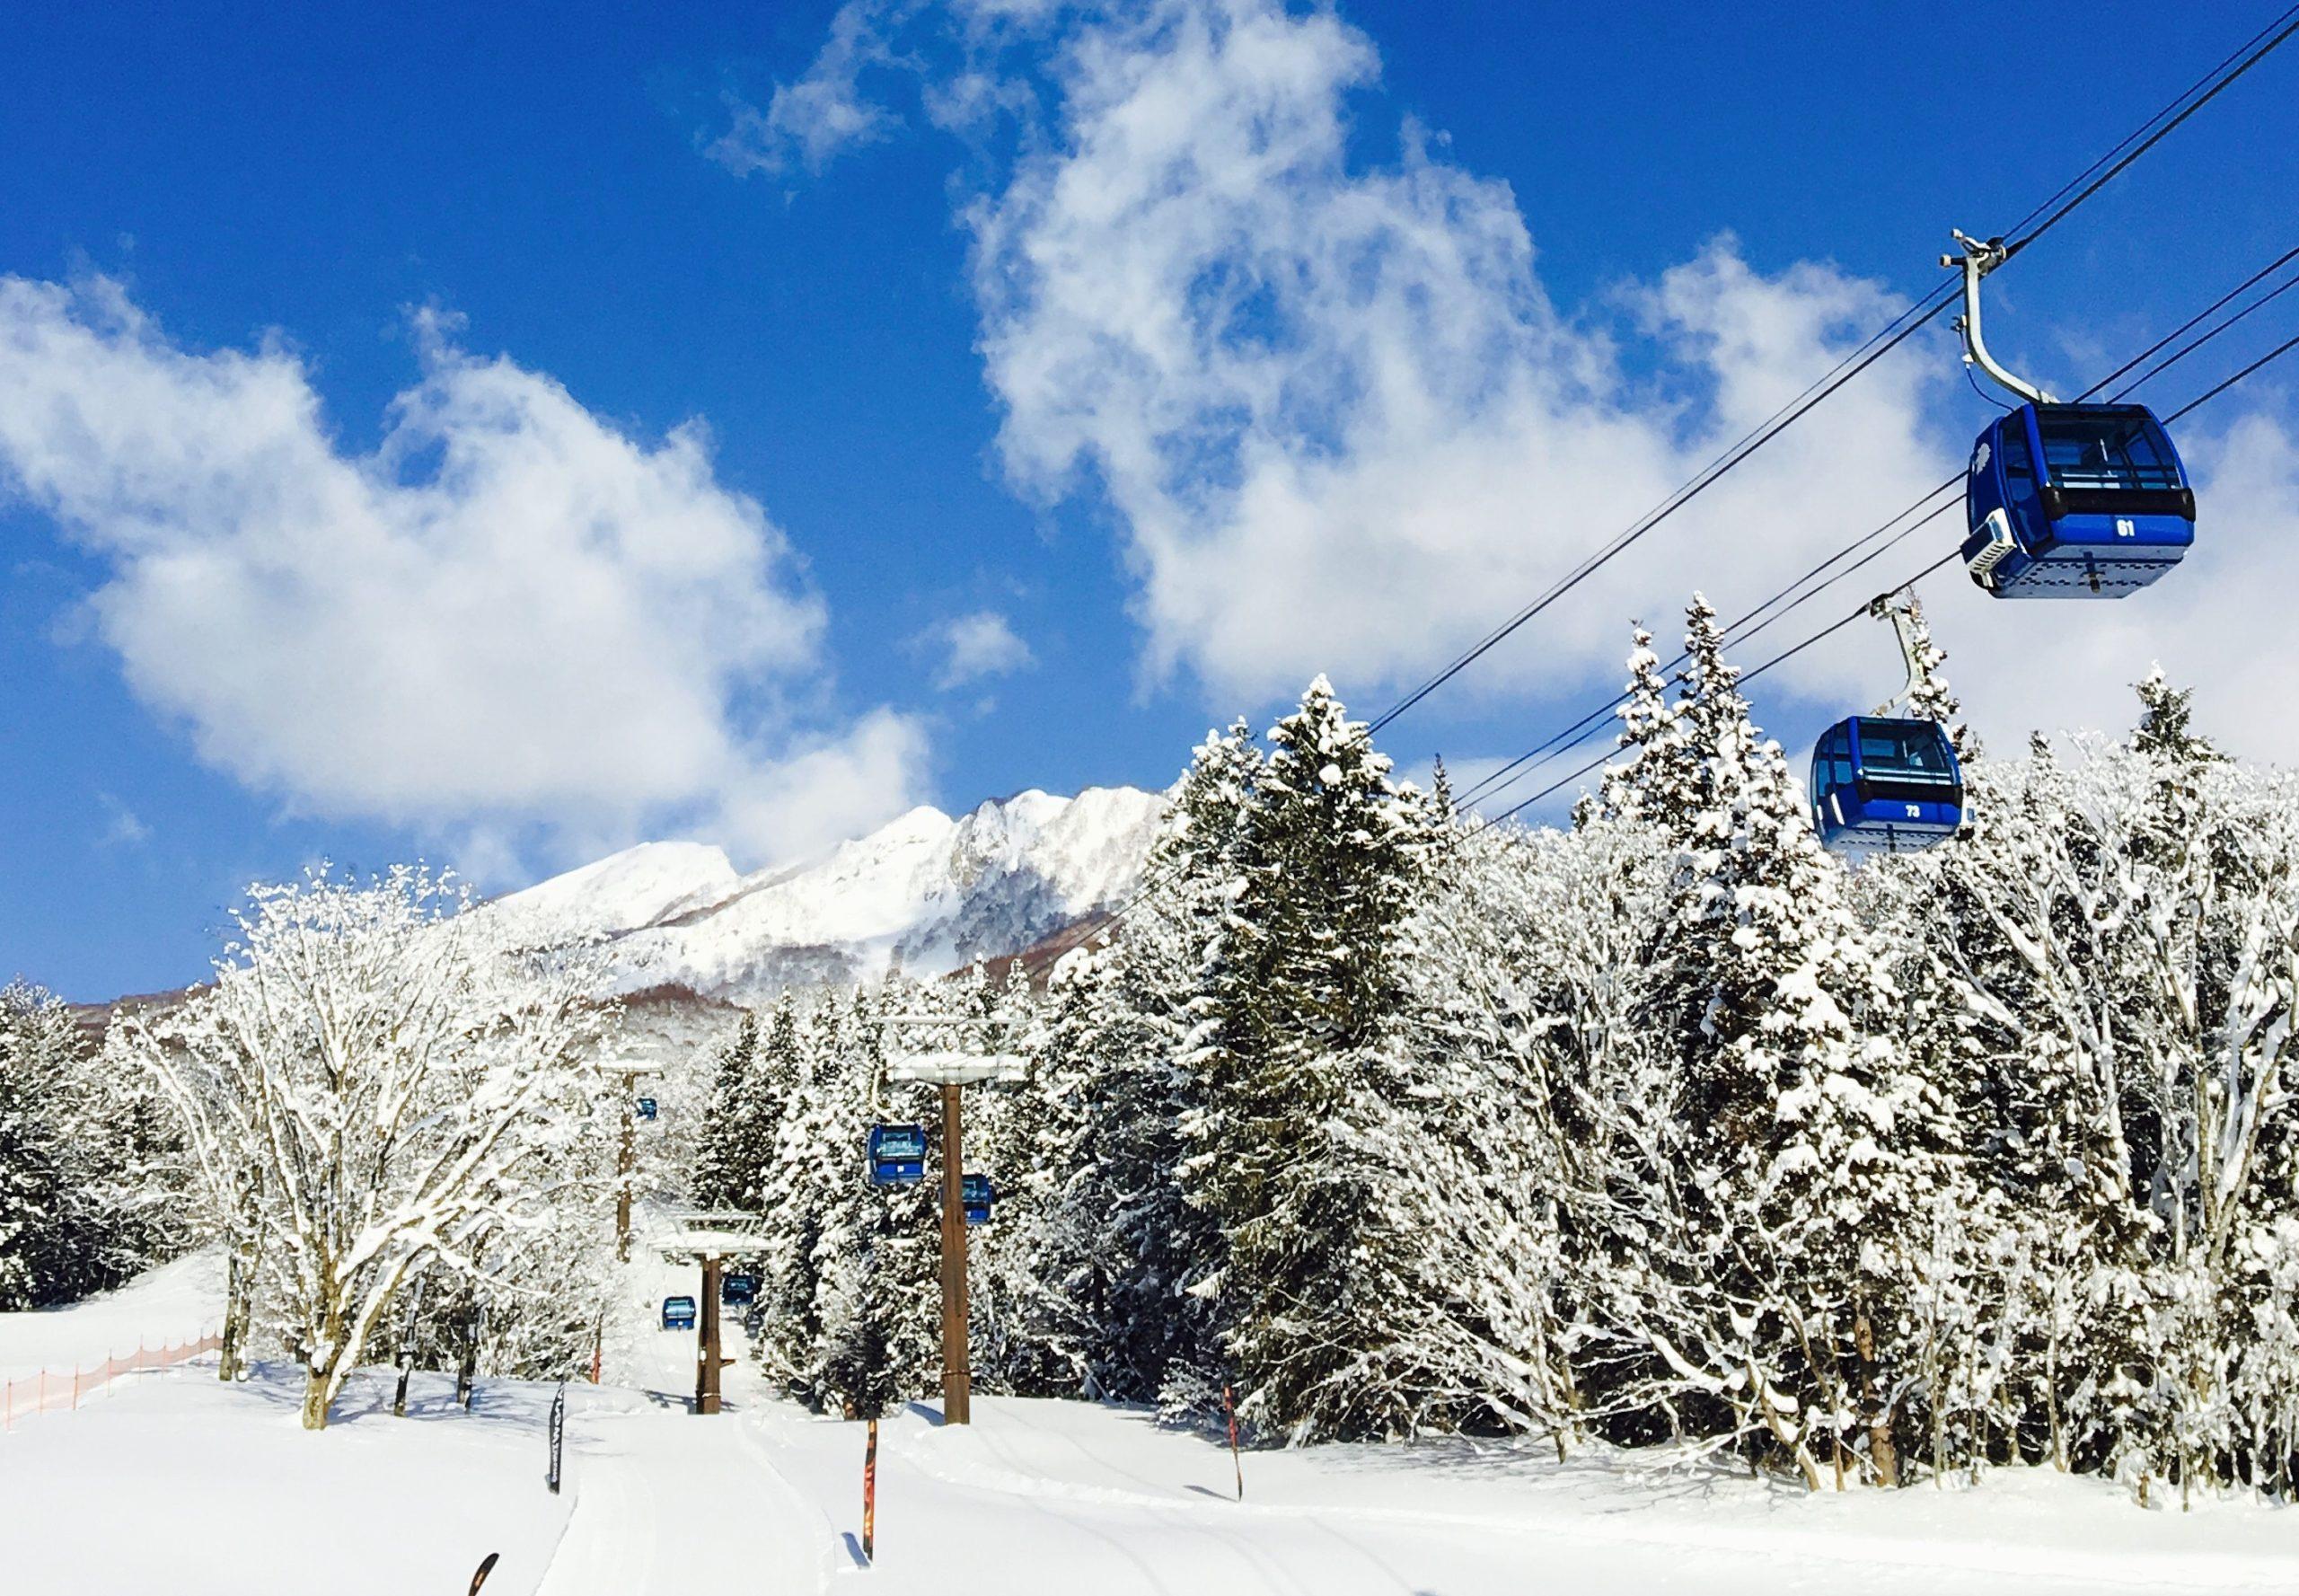 高原 場 妙高 積雪 スキー